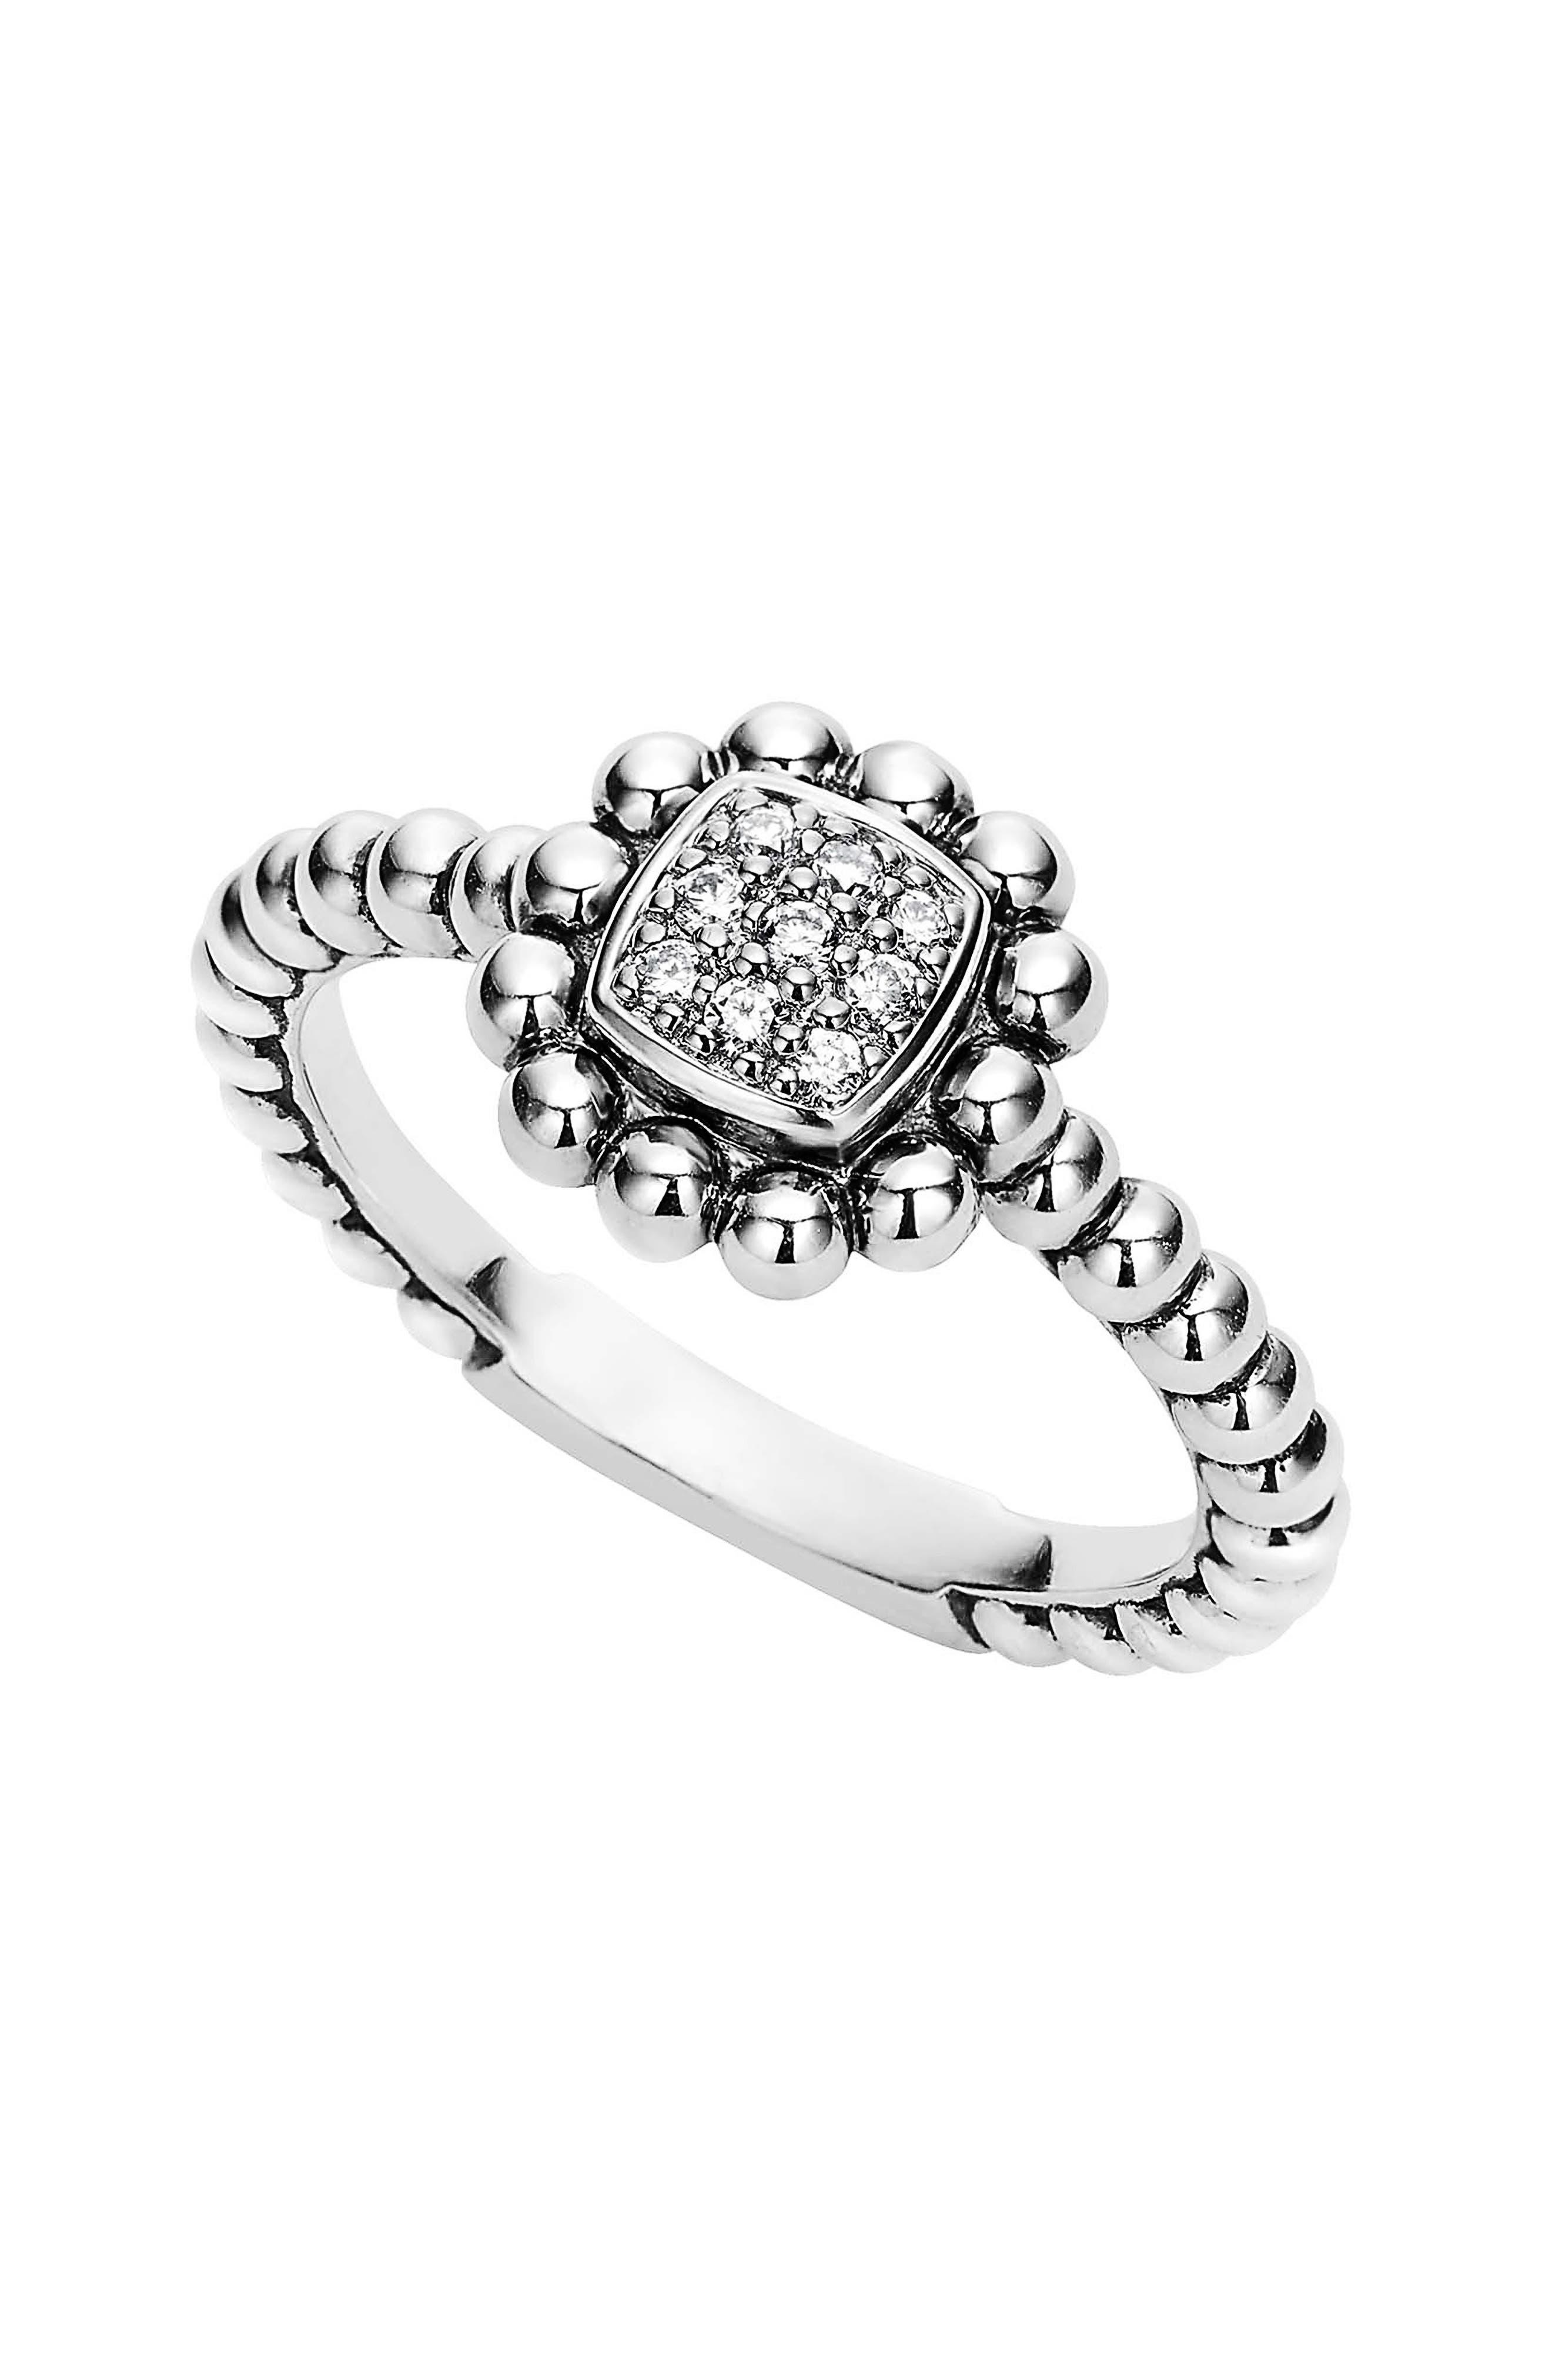 Caviar Spark Diamond Square Ring,                         Main,                         color, SILVER/ DIAMOND